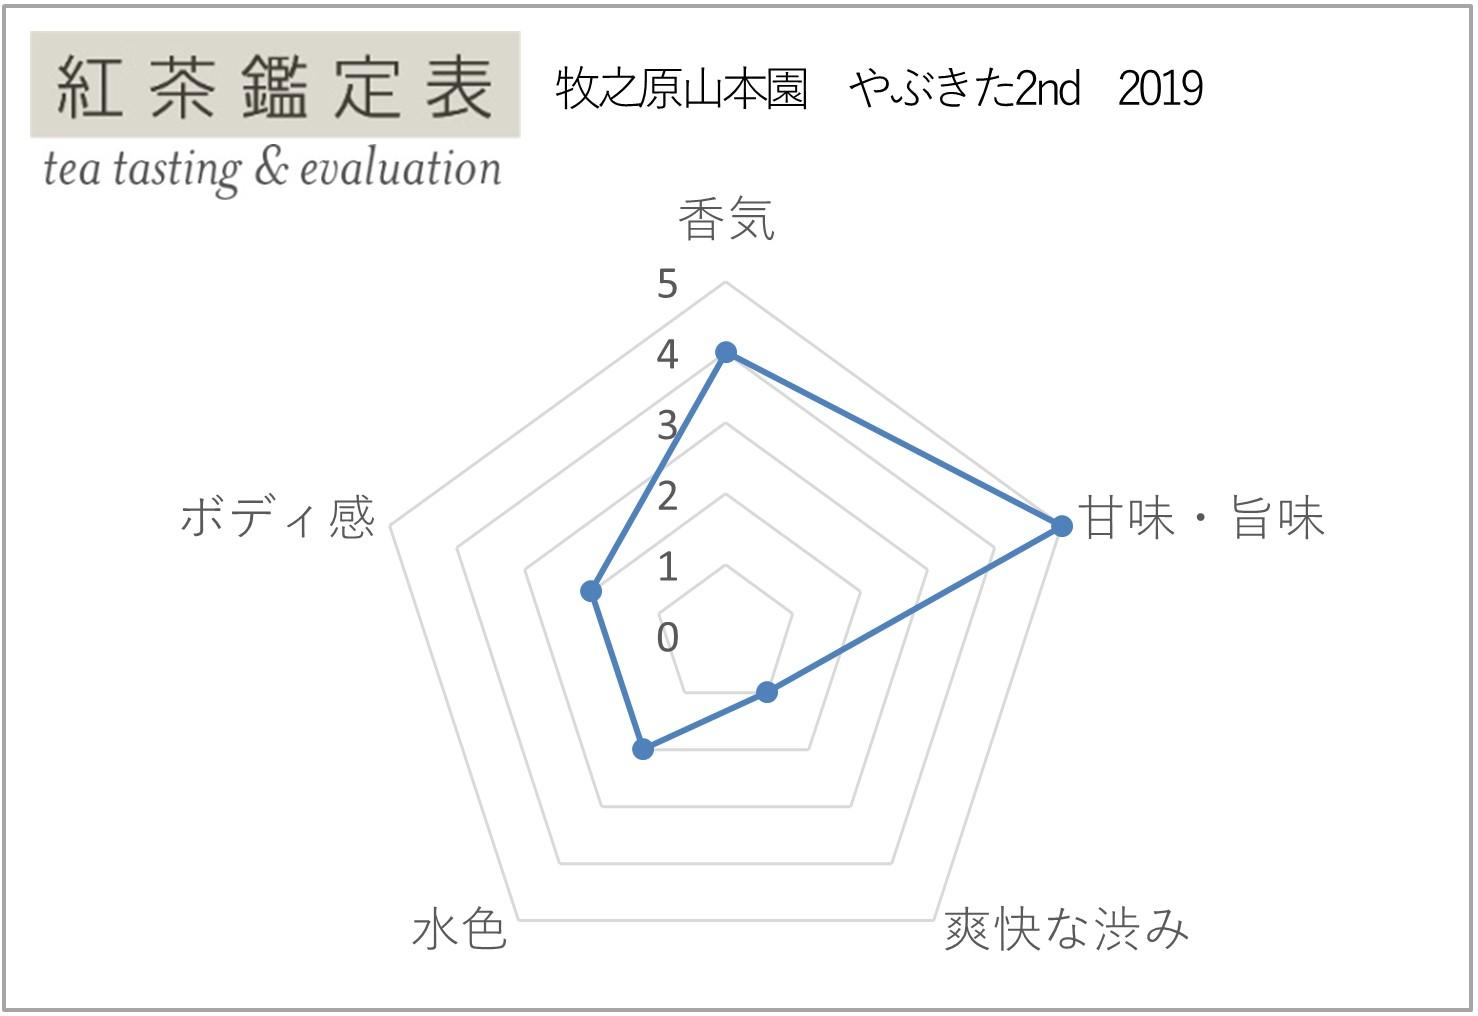 【牧之原山本園】やぶきた2nd 2019 紅茶鑑定表